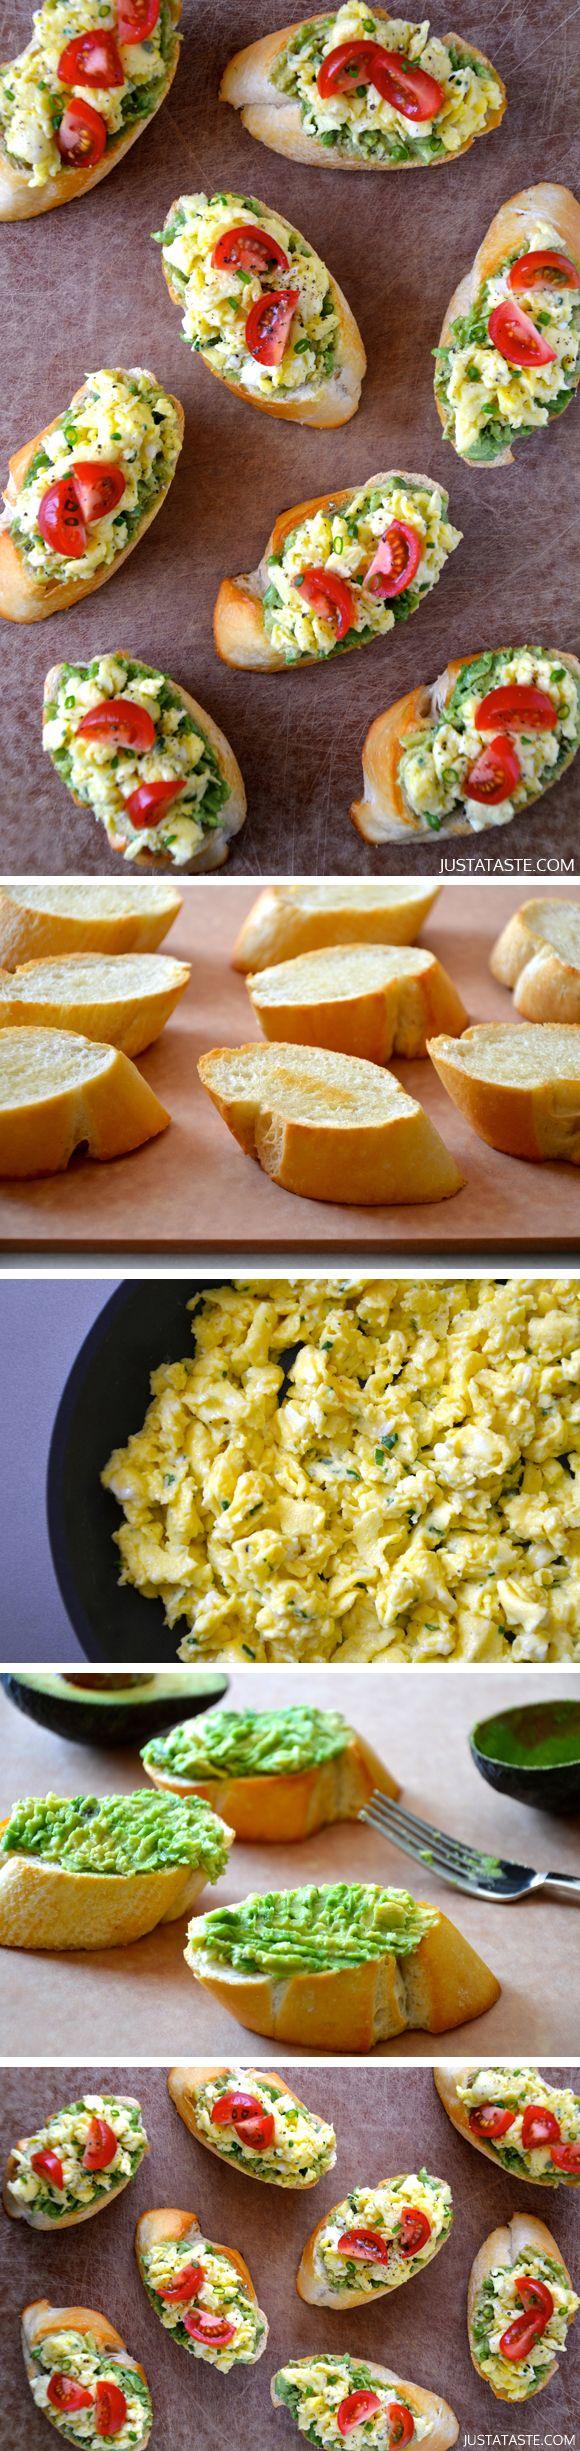 Quick and Easy Breakfast Bruschetta by justataste #Breakfast#Bruschetta